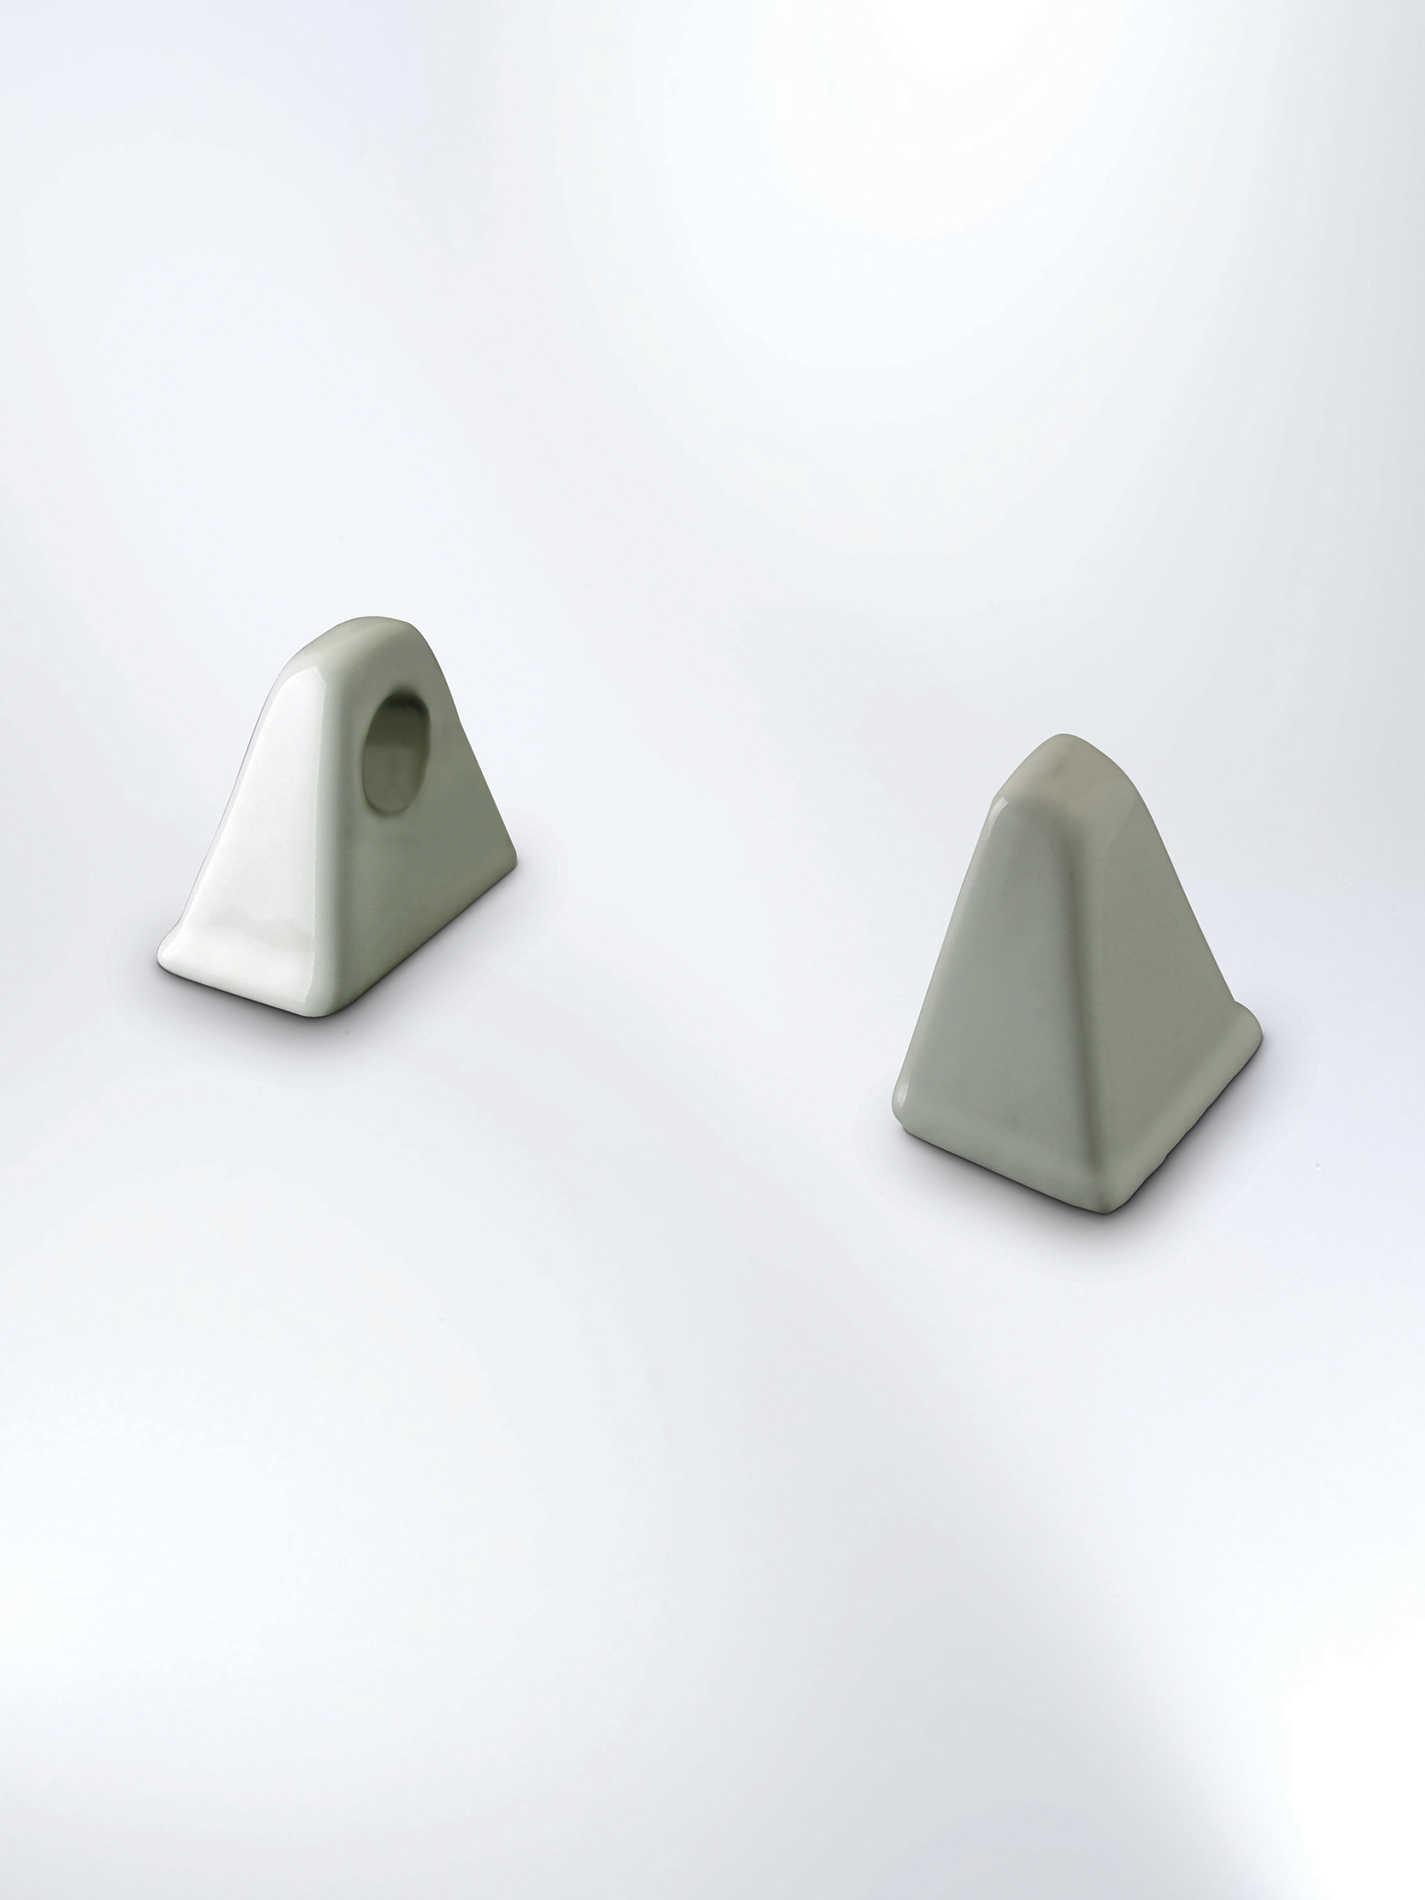 Adhesivos base toallero edesa for Toallero adhesivo